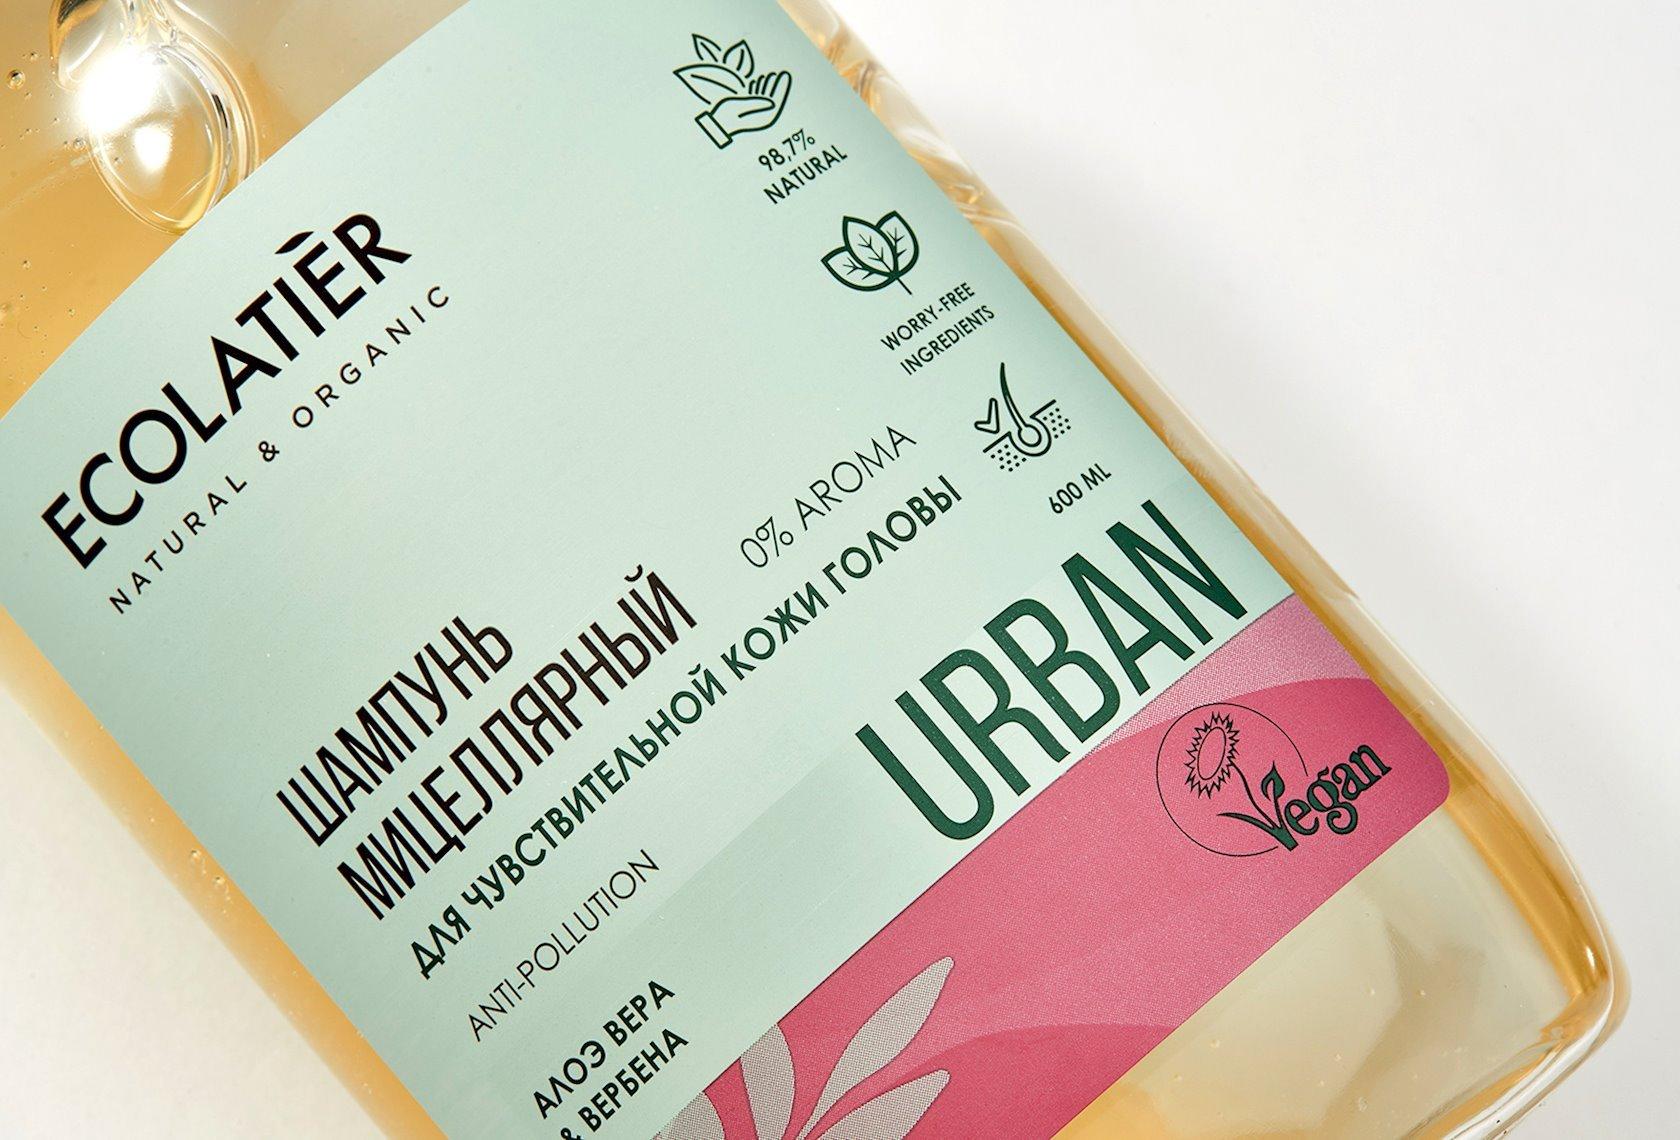 Miselyar şampun Ecolatier Həssas baş dərisi üçün Aloe vera və verbena 600 ml